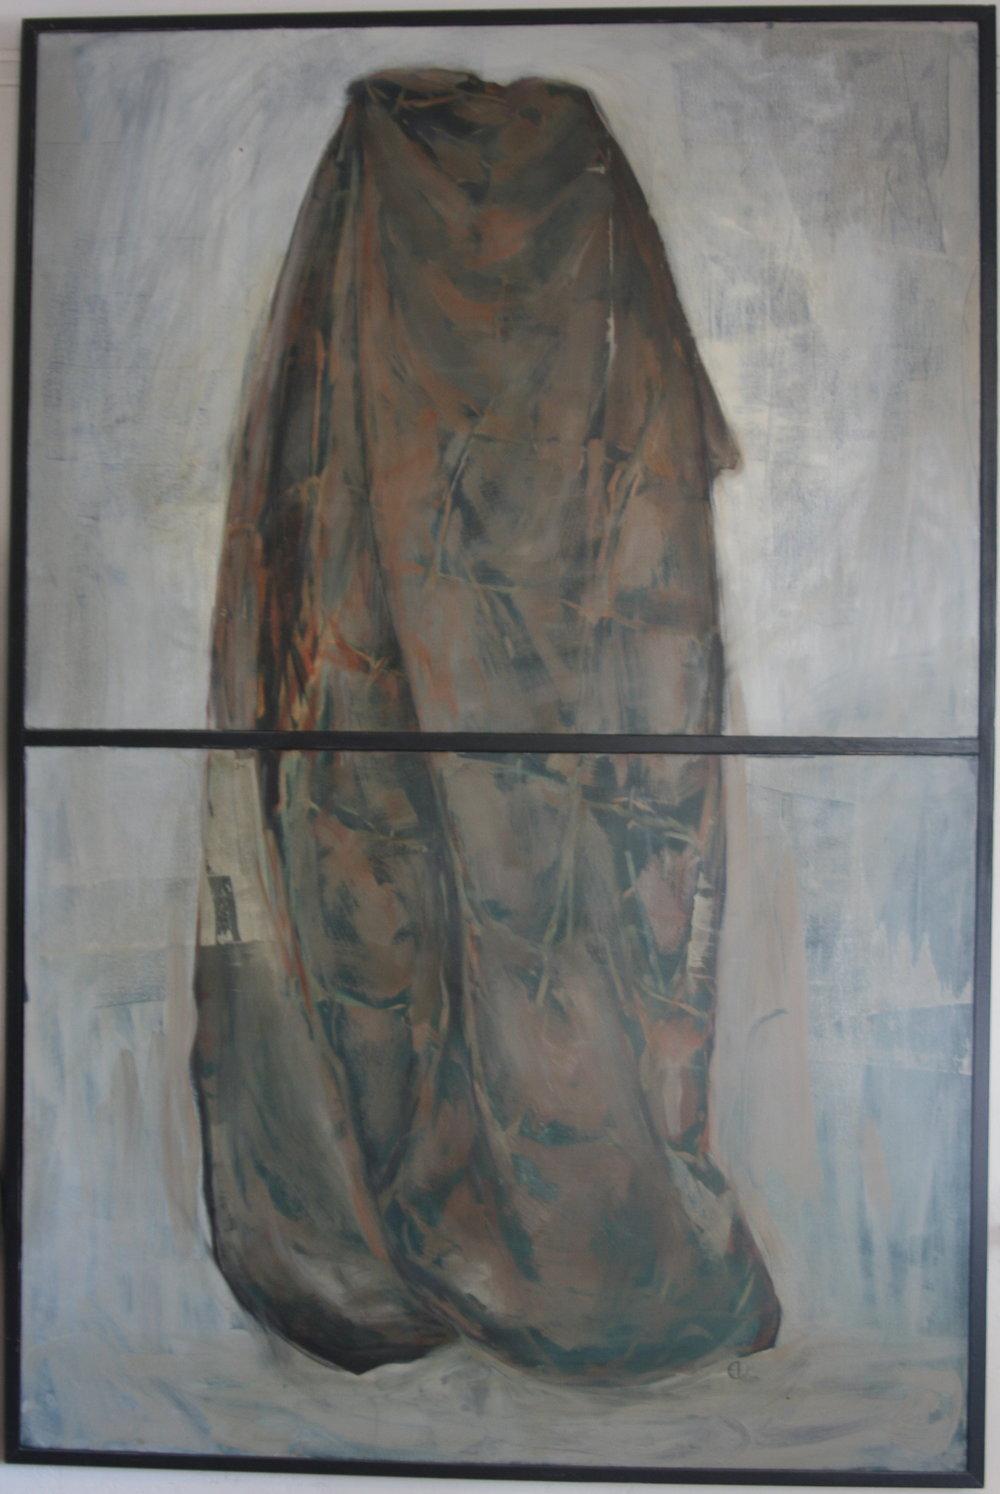 6_Blanket(castration).JPG